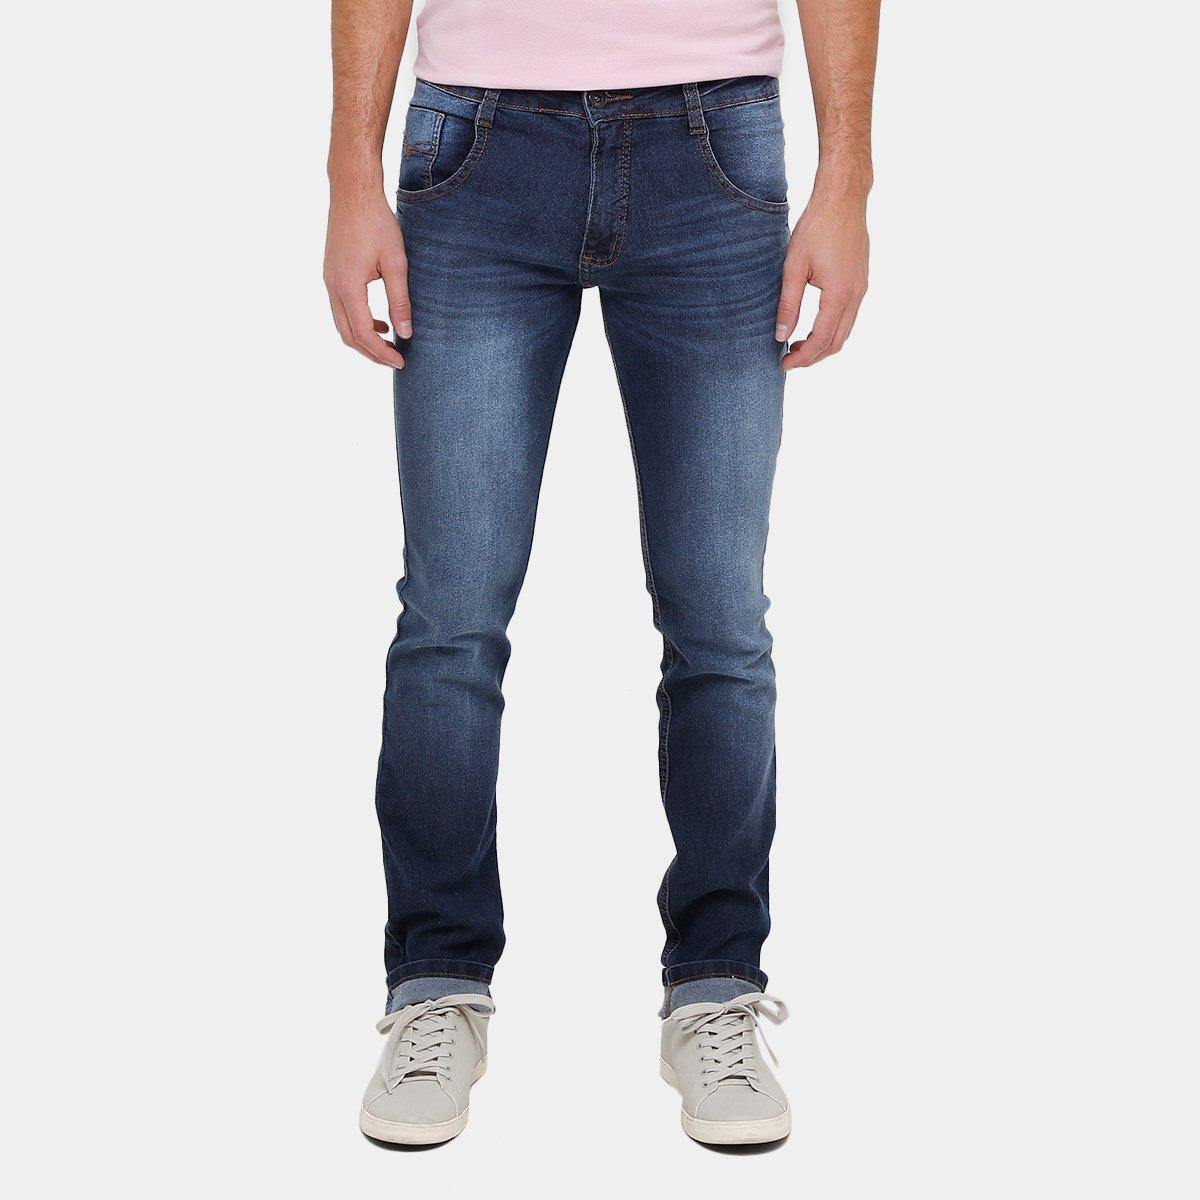 69b0bf3979752 Calça Jeans Slim Biotipo Elastano Masculina - Compre Agora